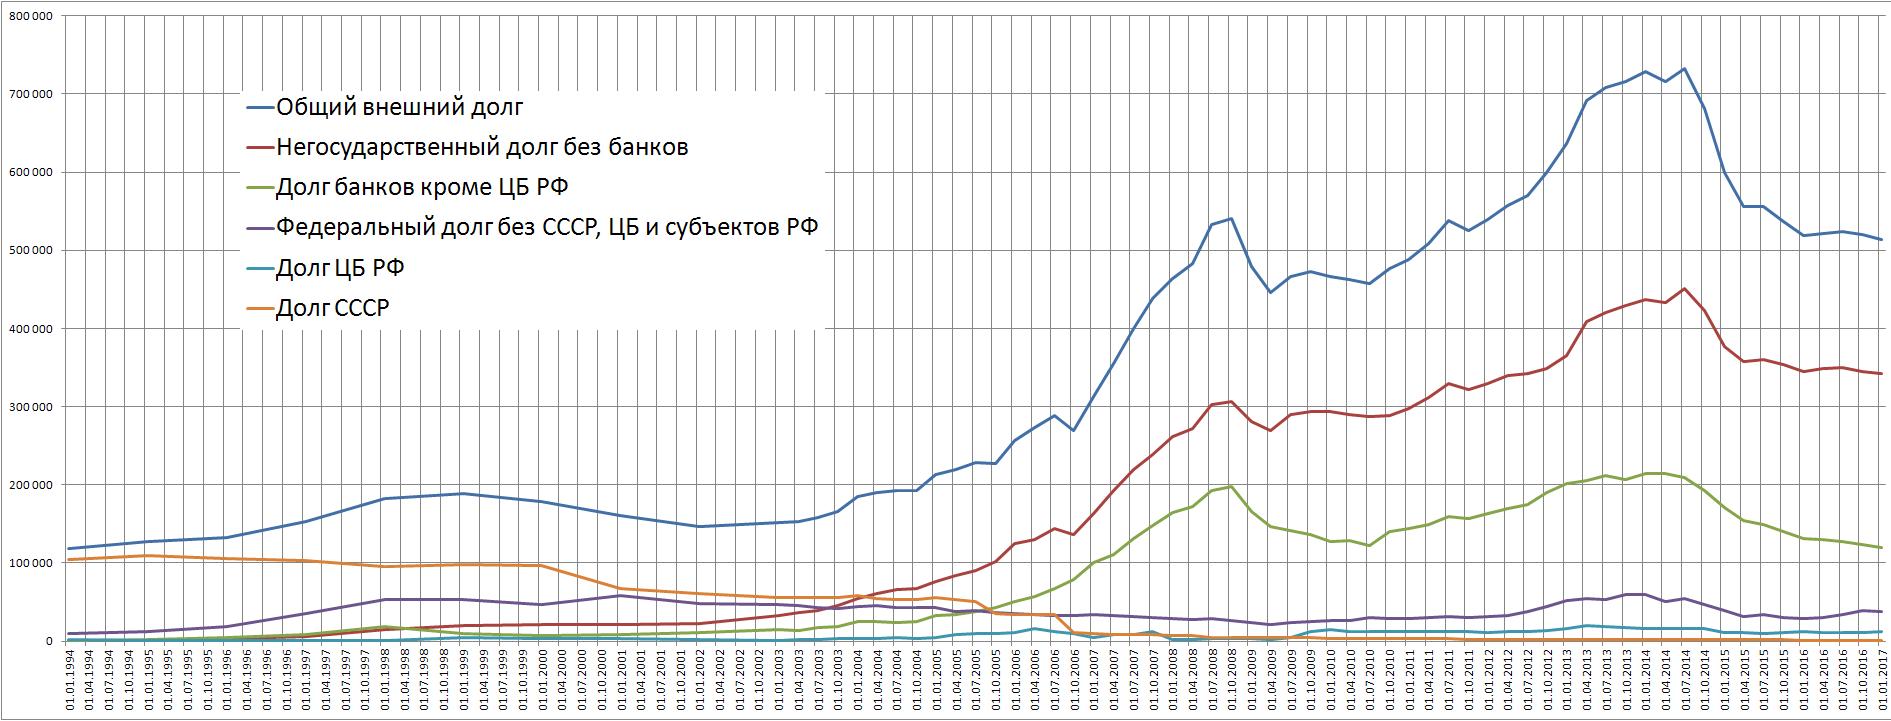 Внешний долг РФ с 1994 по март 2017 года по данным ЦБ РФ